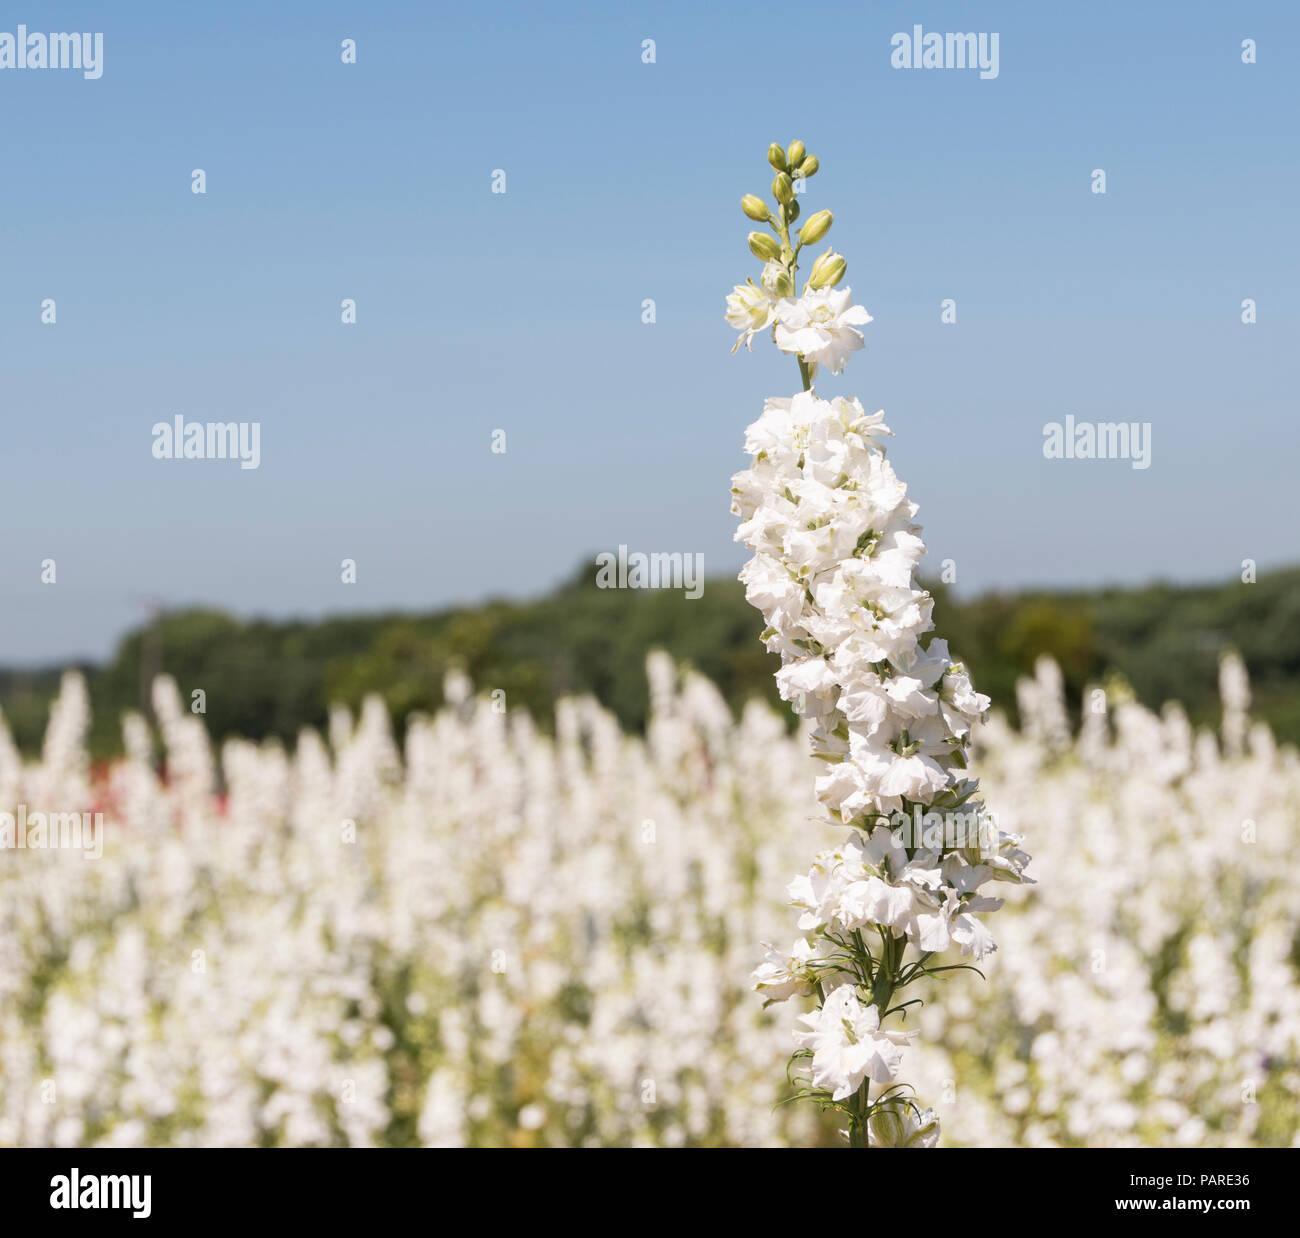 Felder von Blumen für Konfetti in der Nähe von Weida in England angebaut. Stockfoto